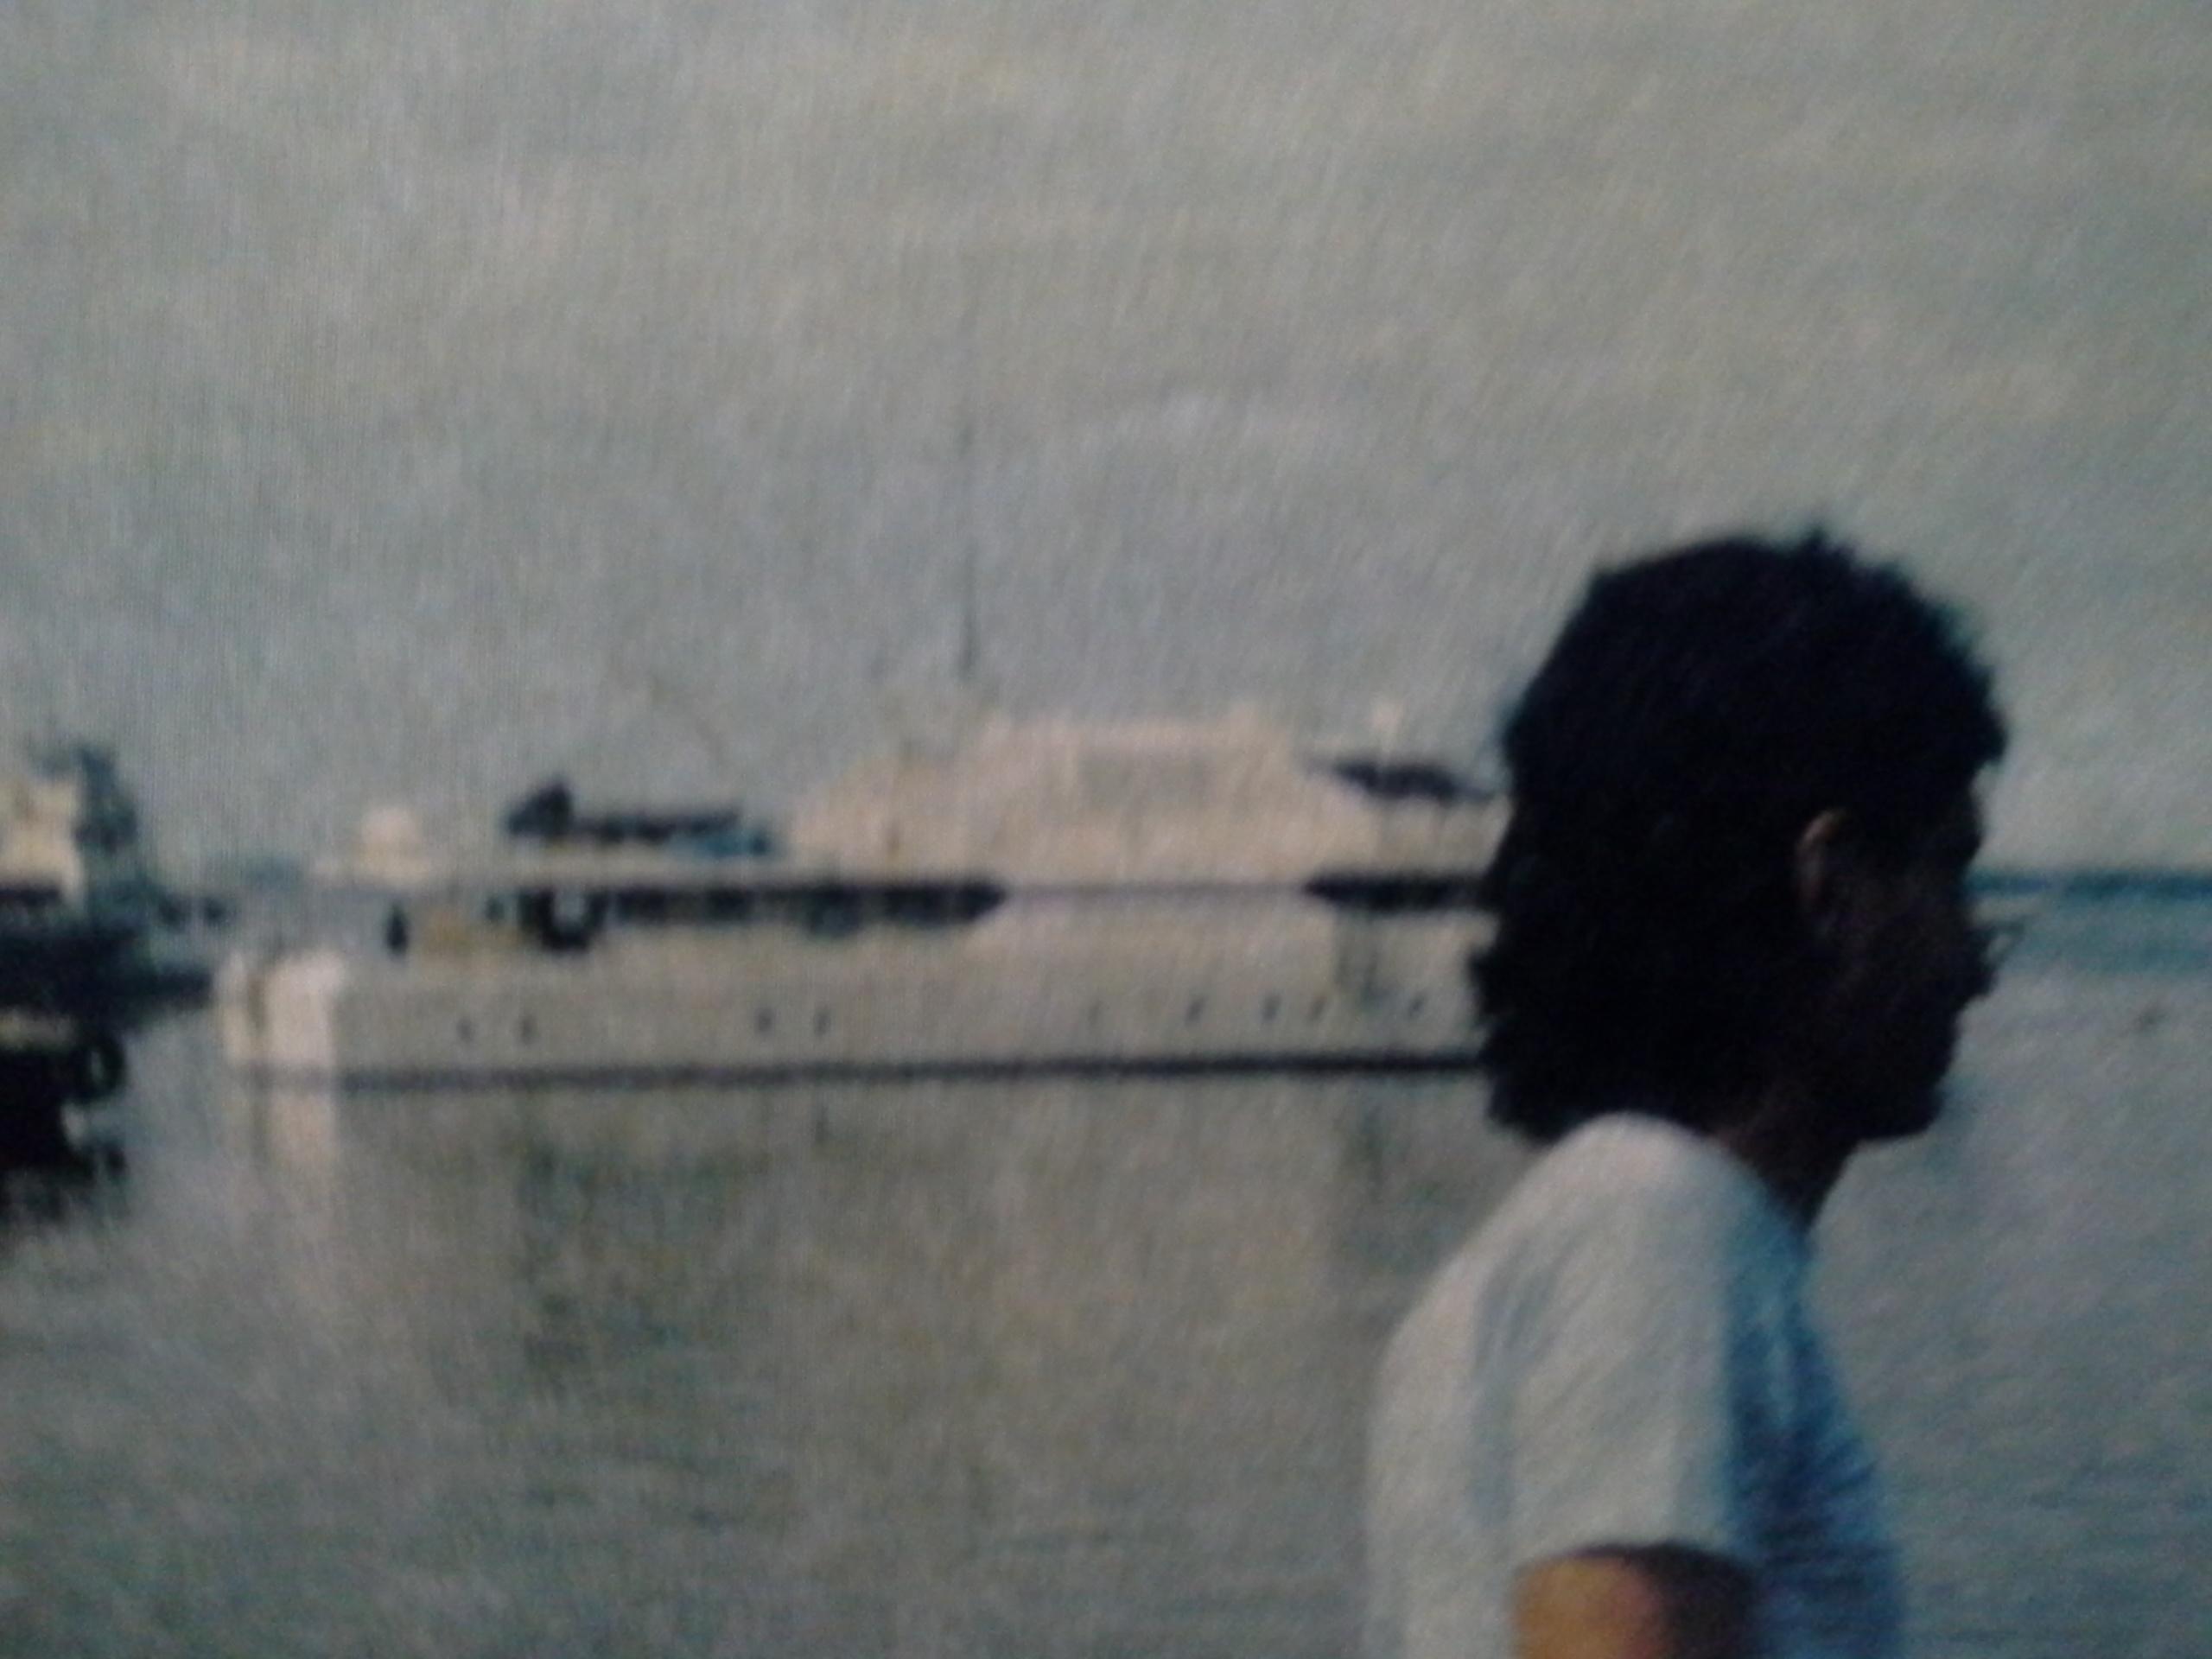 ORLANDO VILHENA GOMES FILHO - Iate Lady Laura 3 construído em Manaus 1986